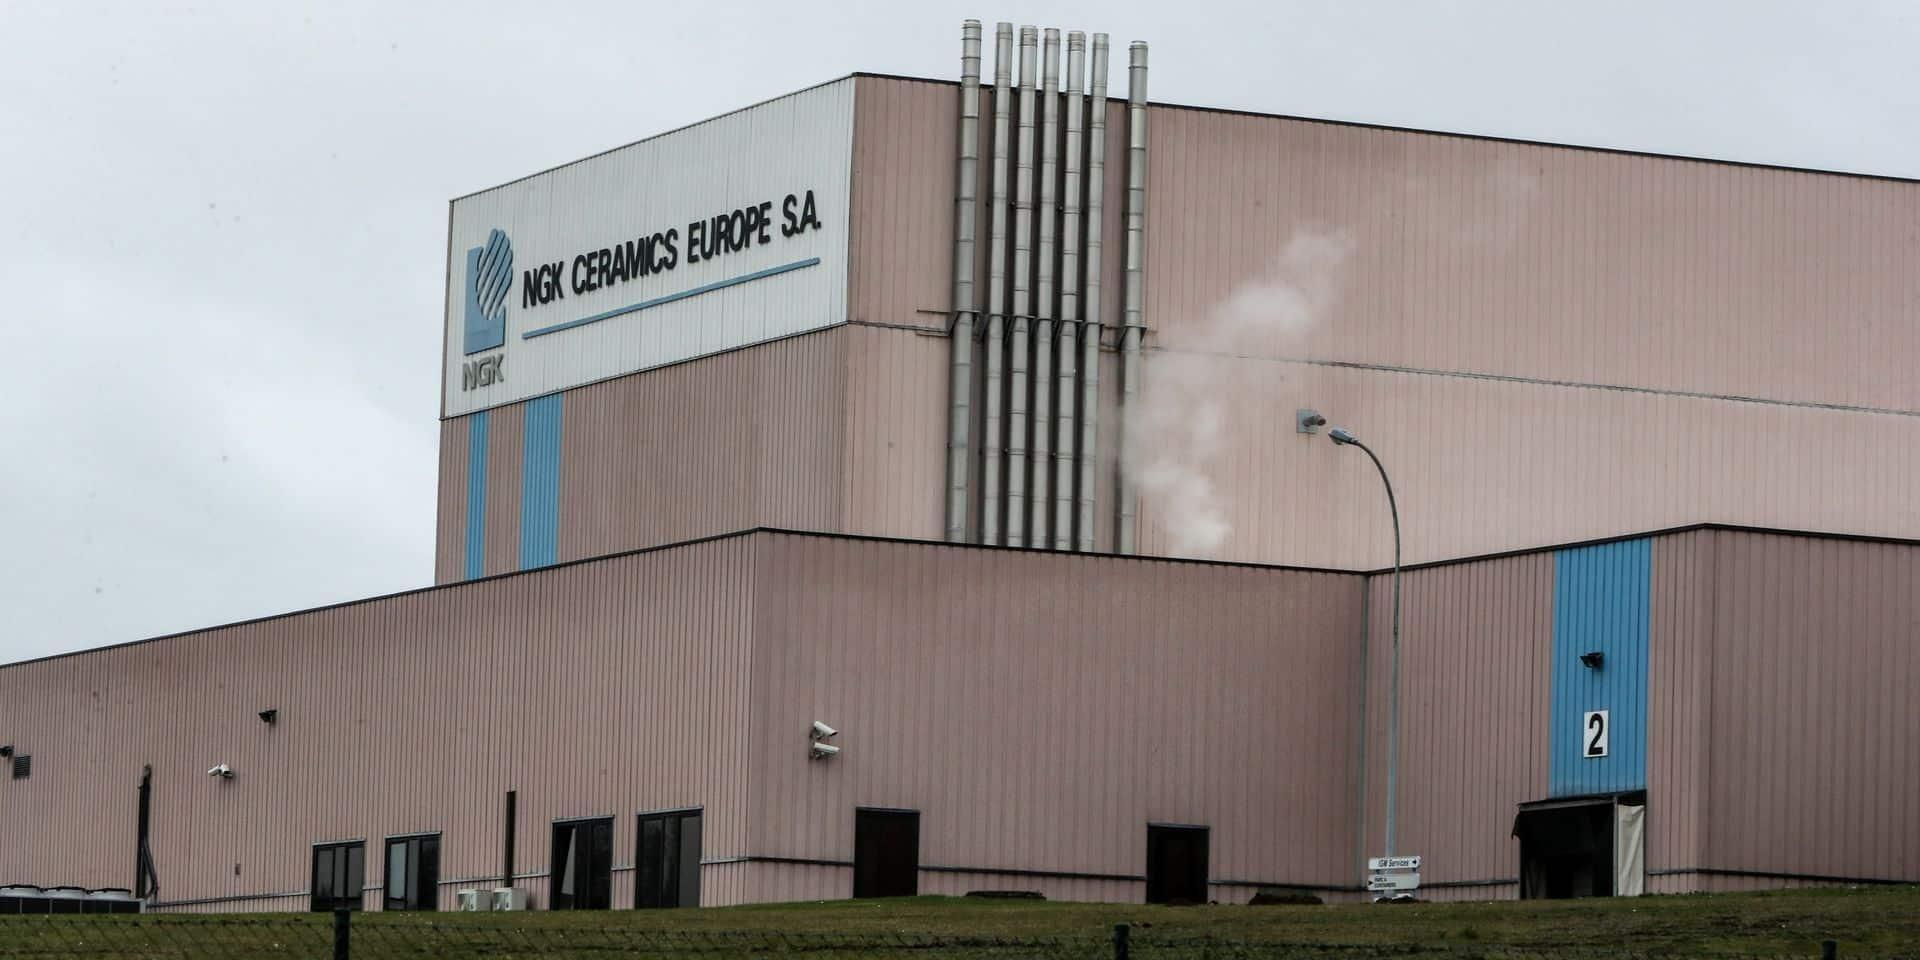 NGK Ceramics Europe investit 19 millions d'euros supplémentaires sur son site de Baudour